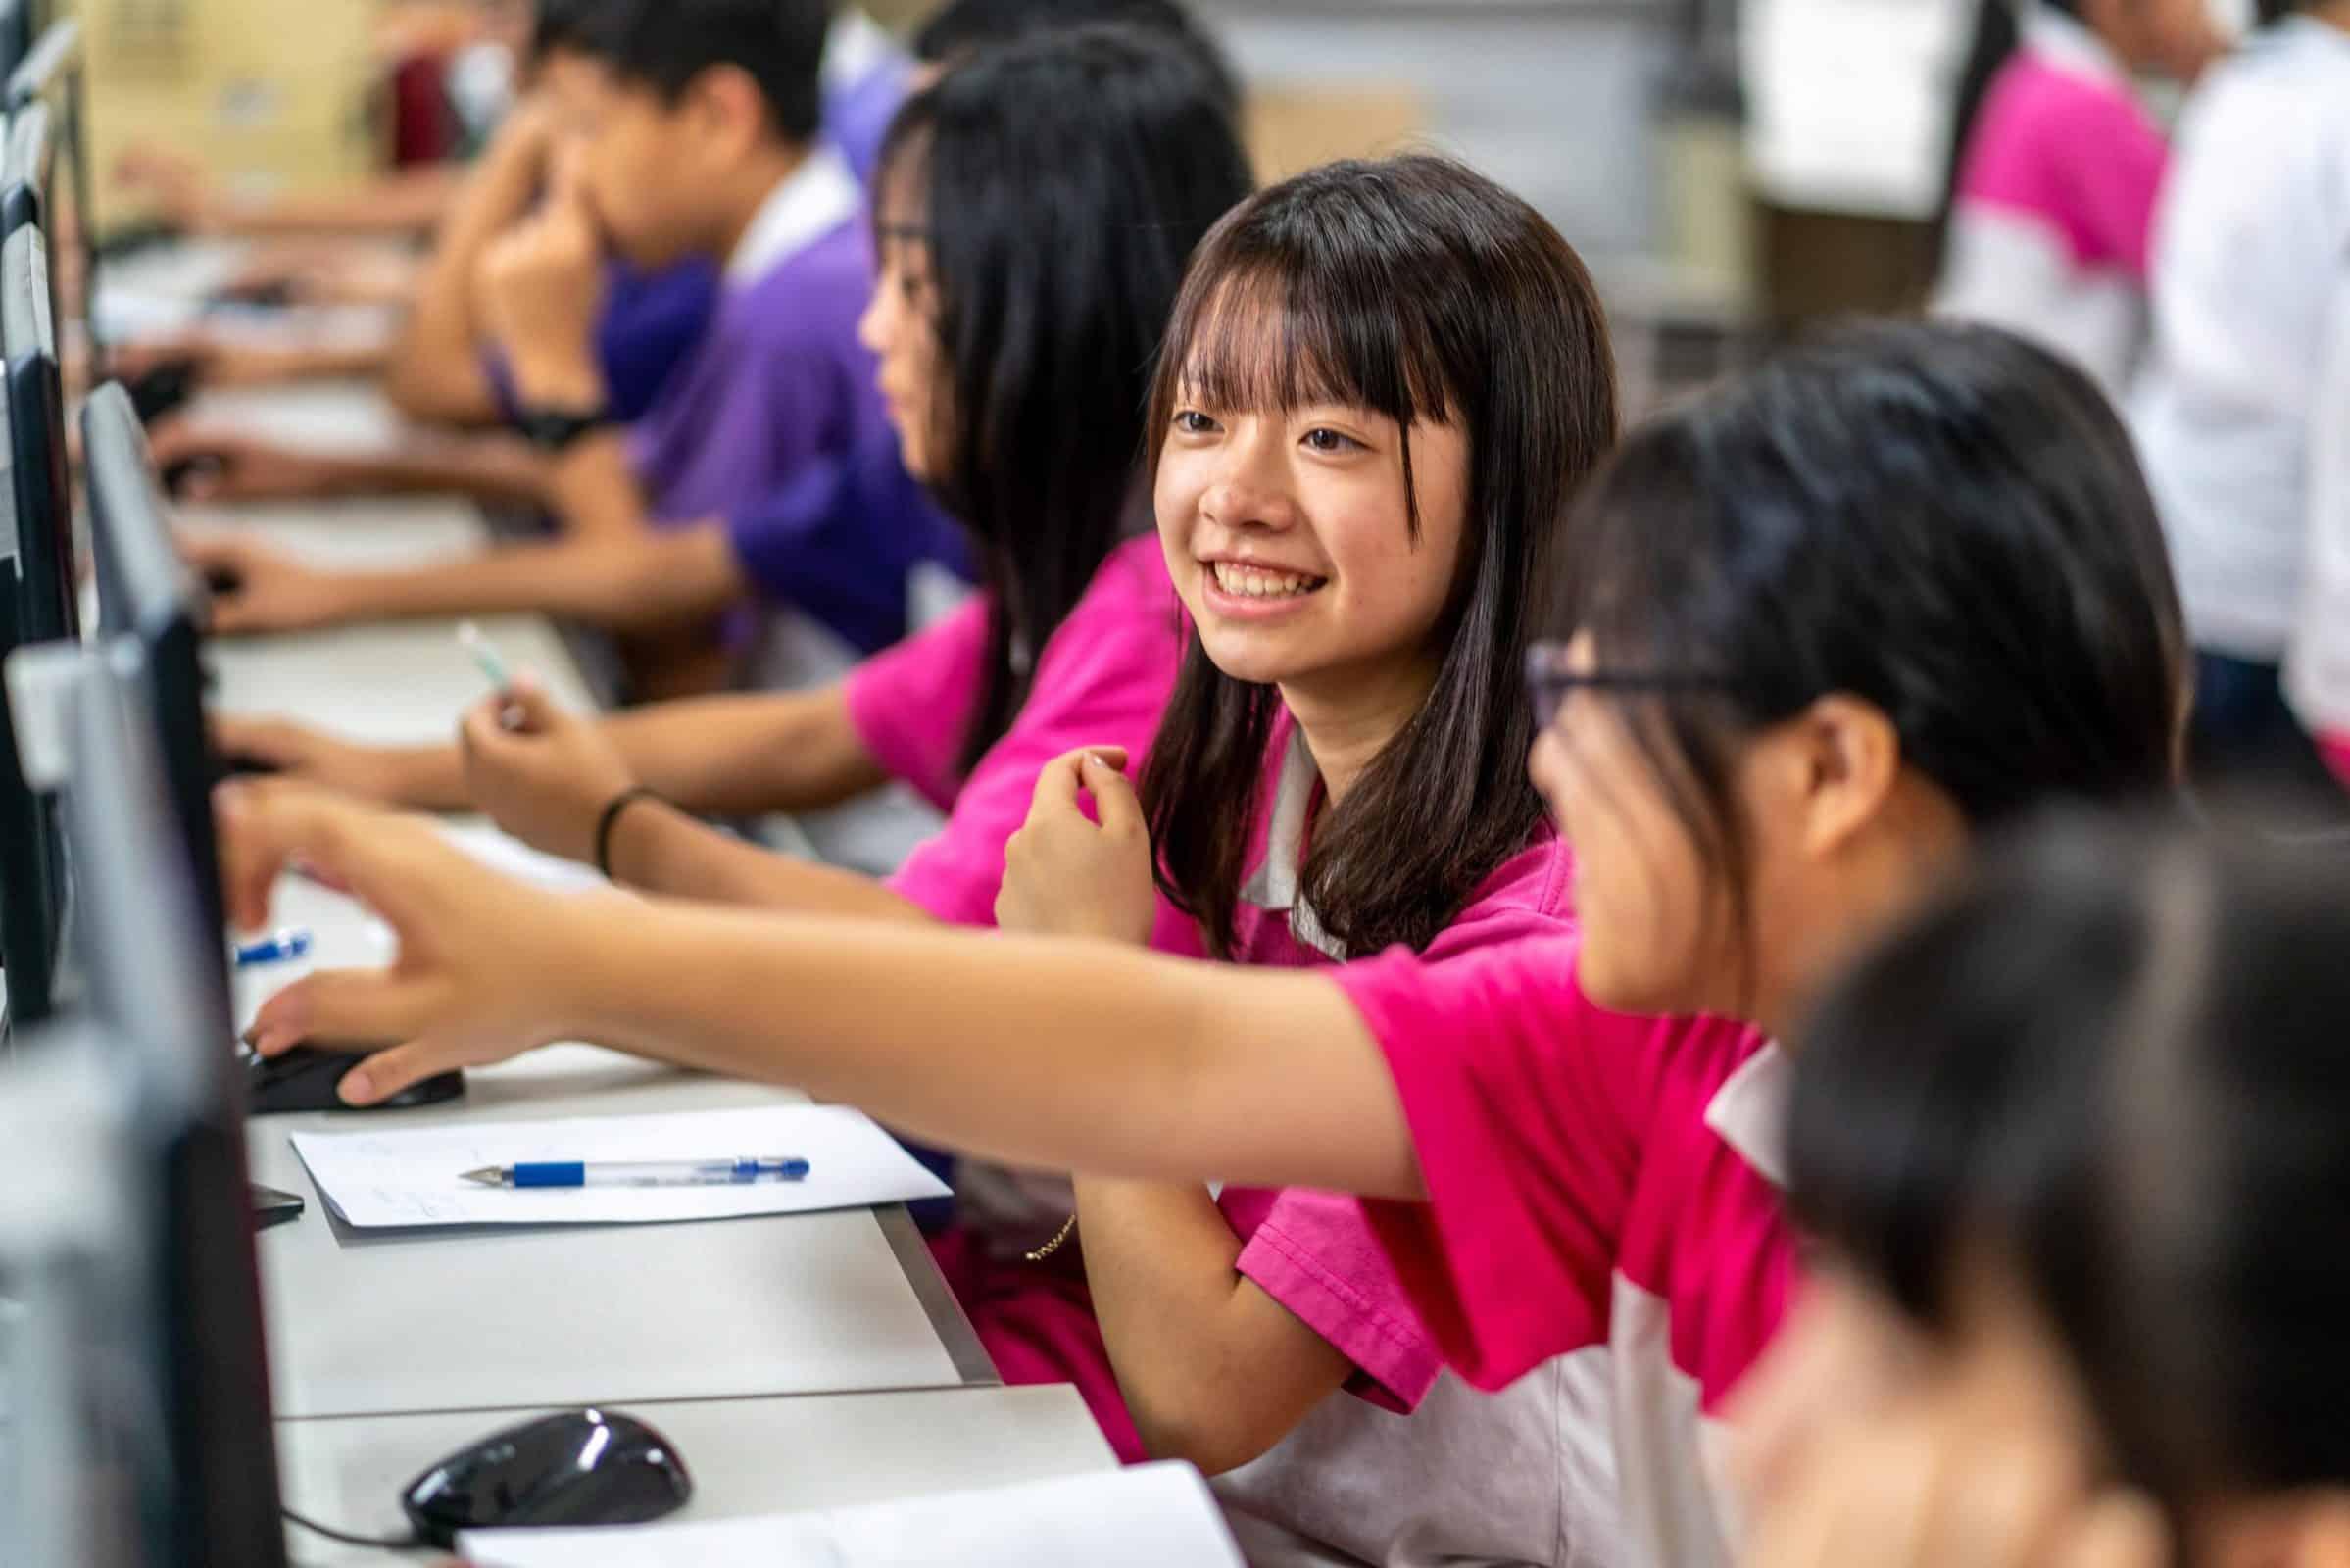 孩子使用均一教育平台學習